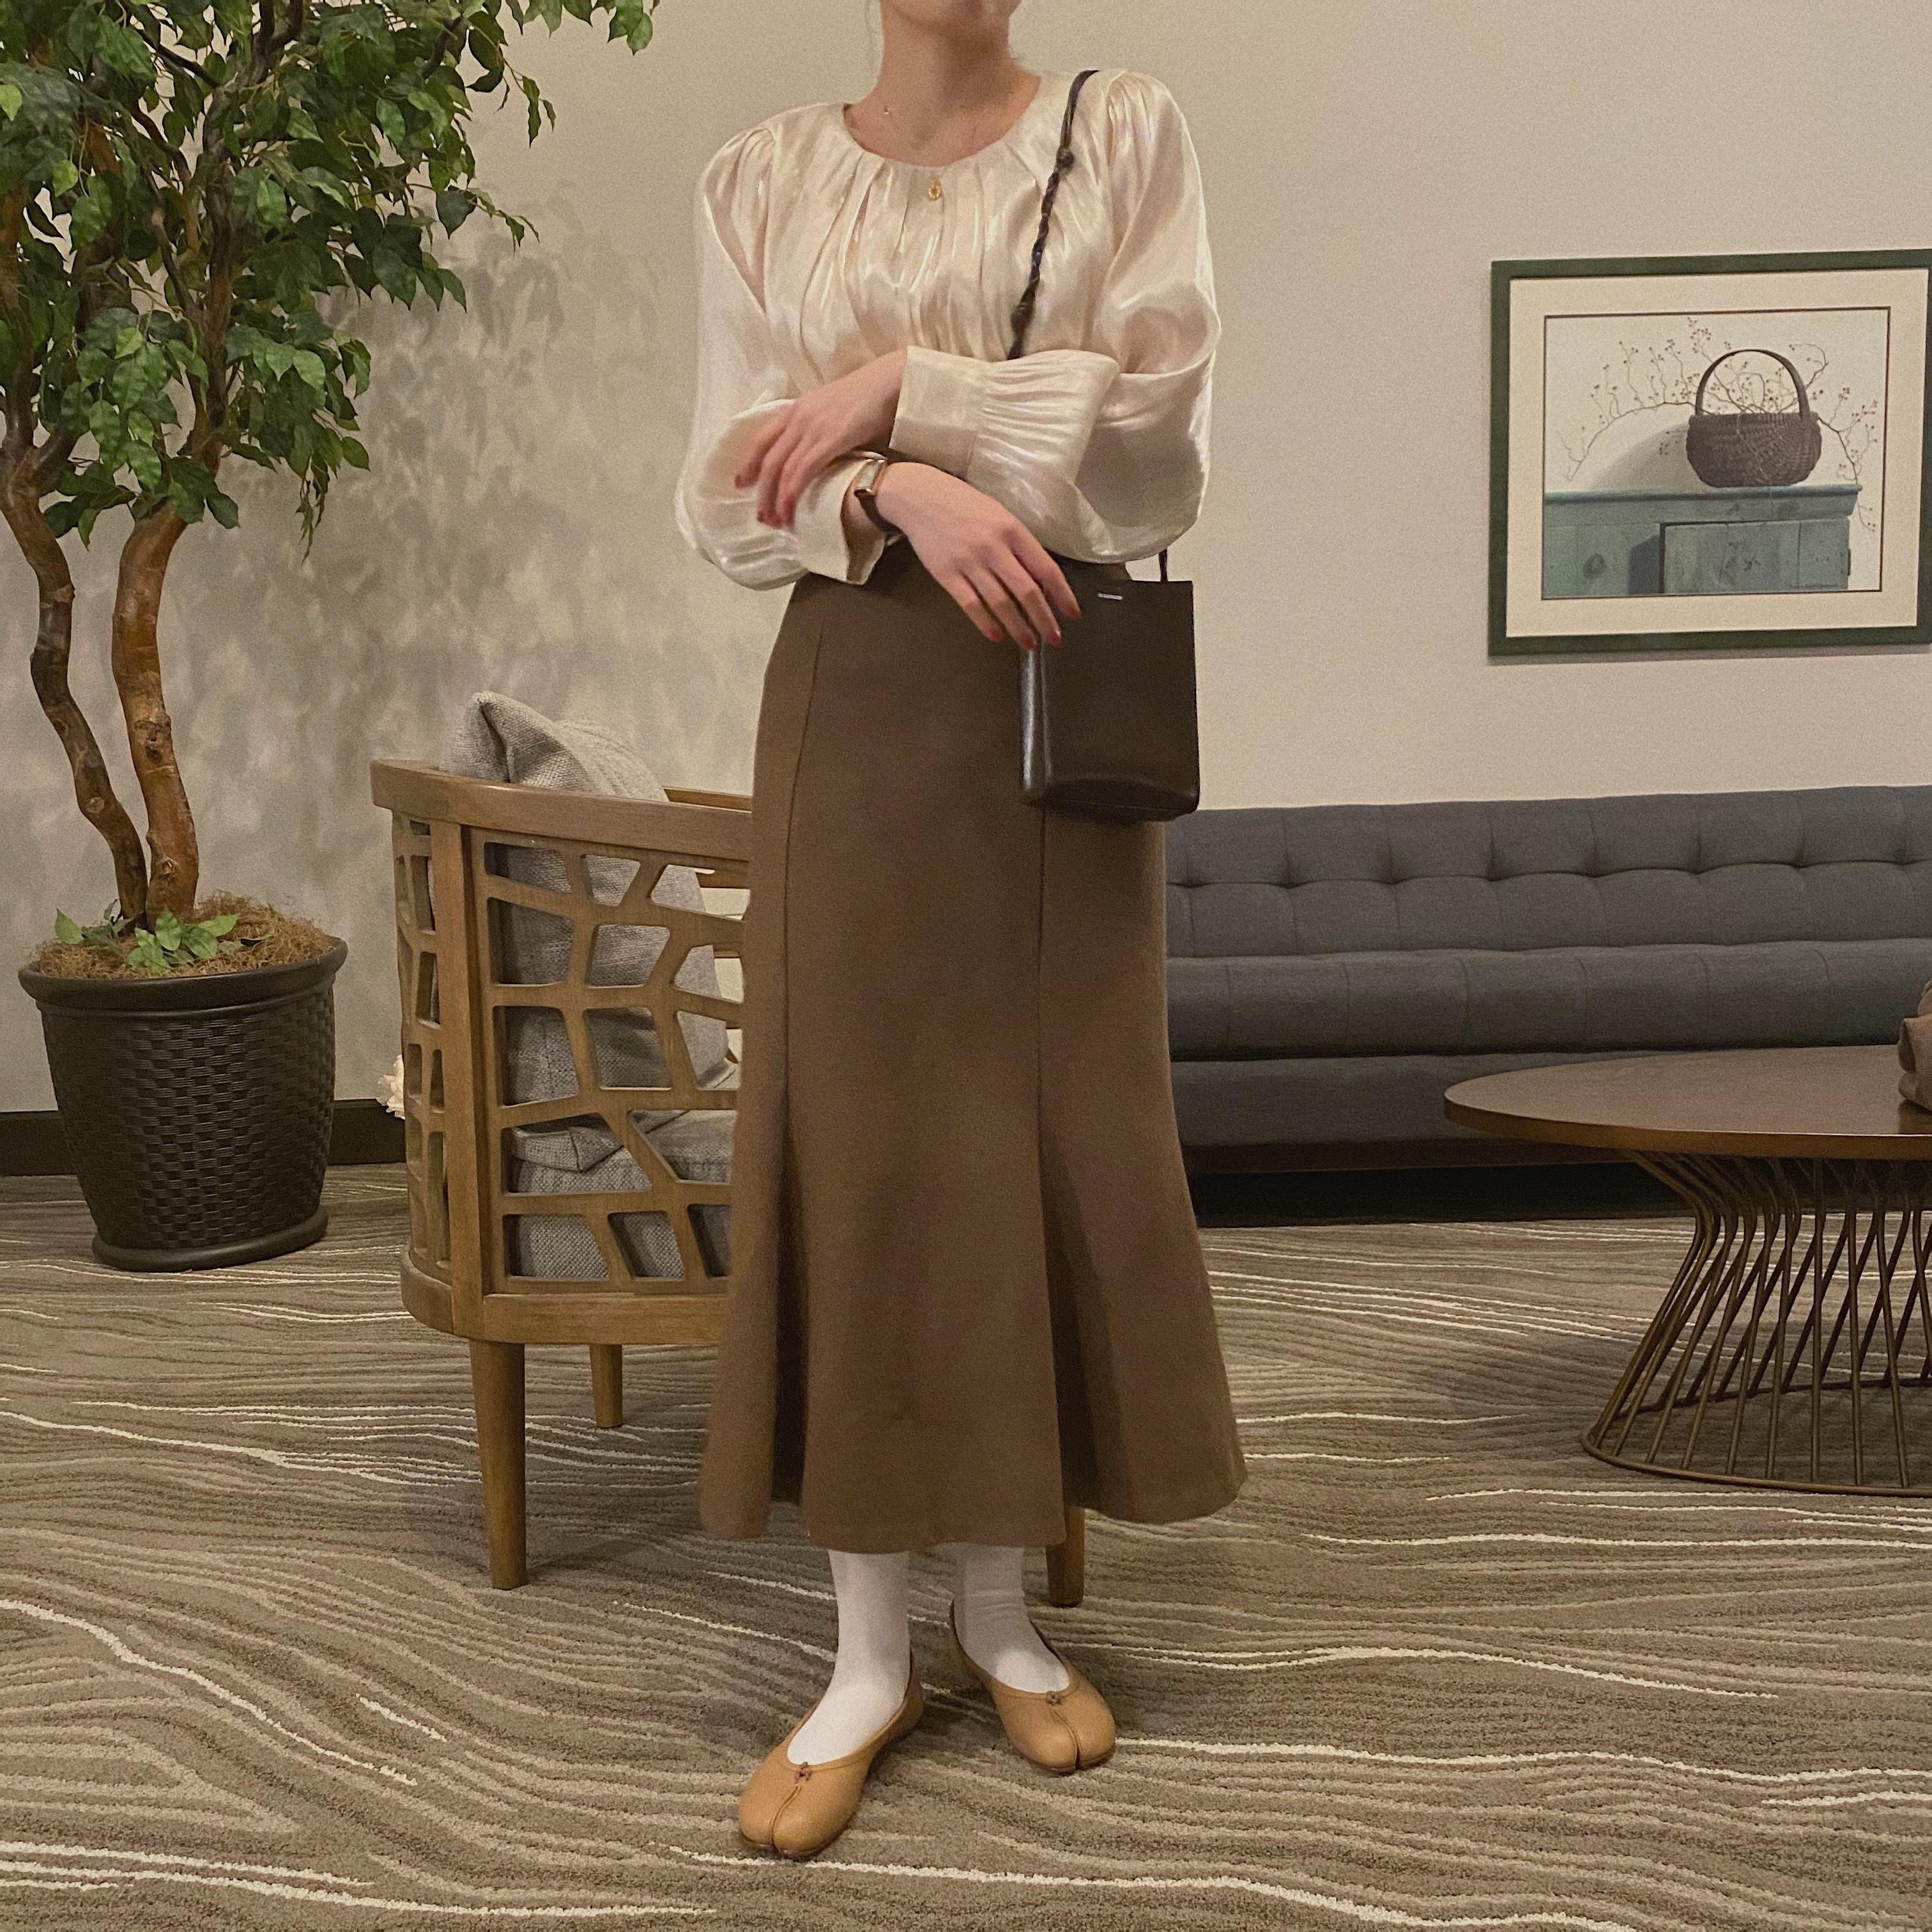 DAYNYC mermaid skirt (brown)